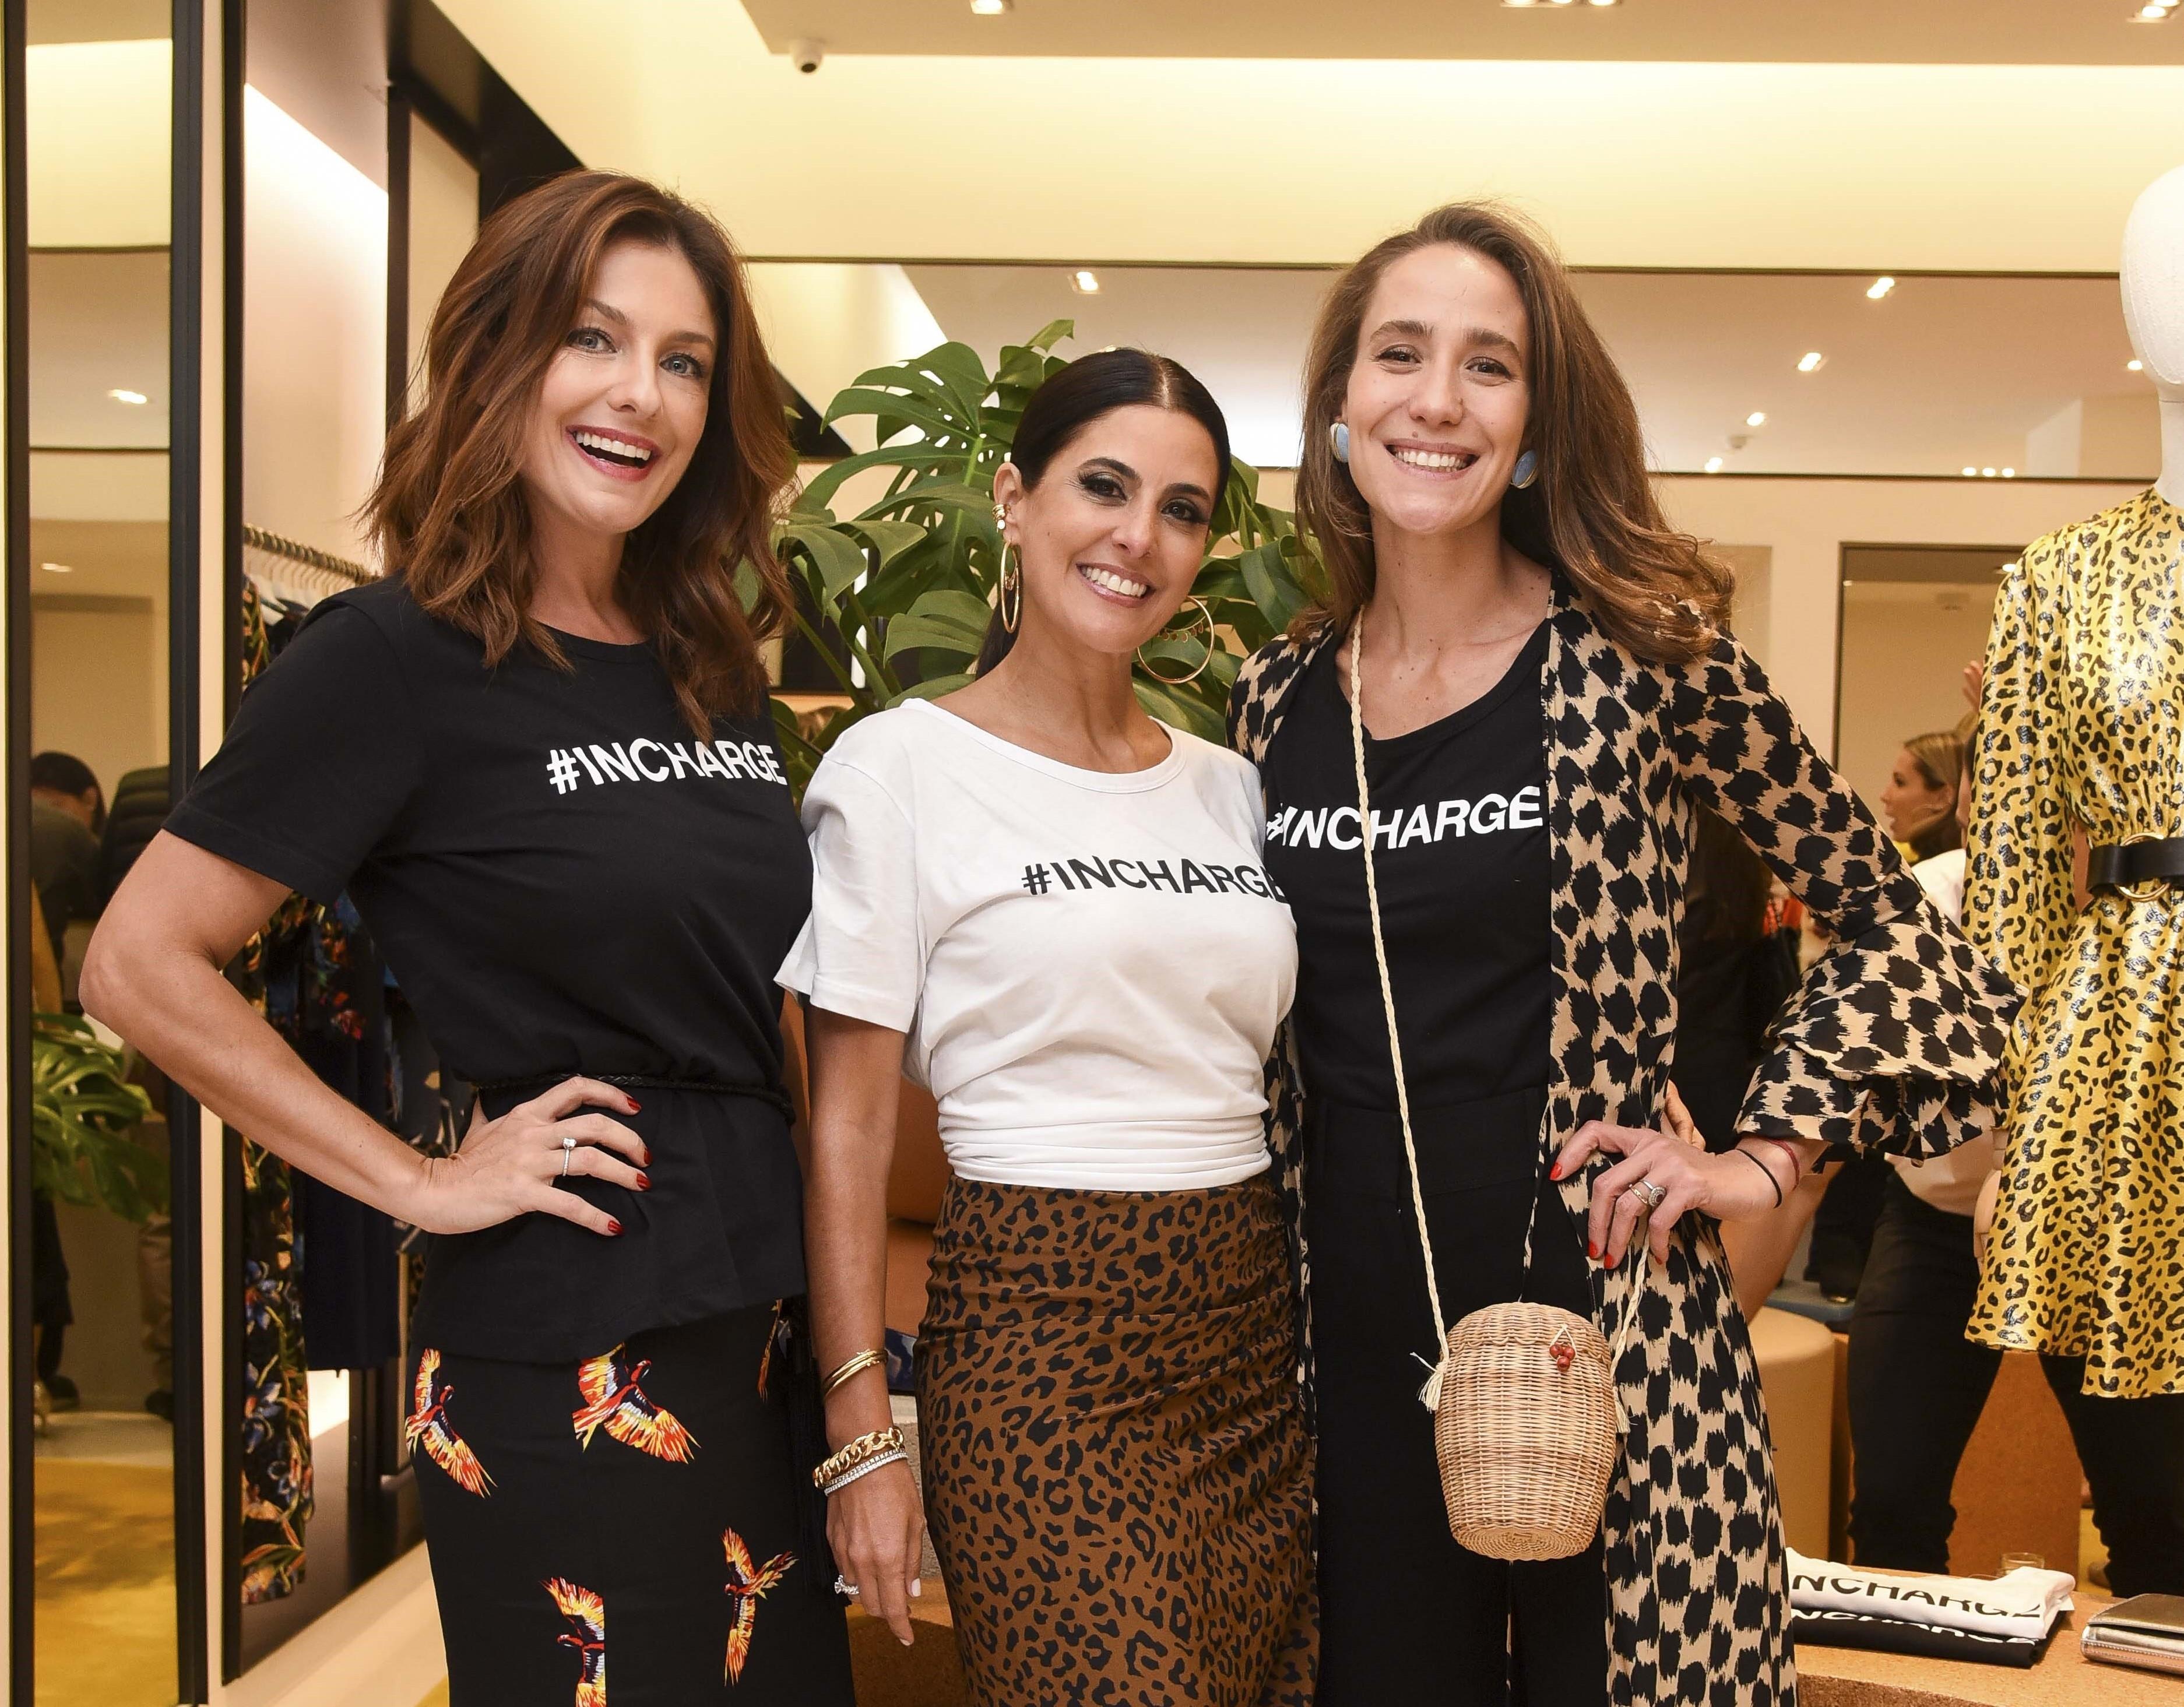 Camilla Guebur, Andrea Conti e Paola de Orleans e Bragança vestiram a camisa do projeto #INCHARGE da DVF em prol da Casa do Rio Tupanã (Foto: Divulgação/Lu Prezia)